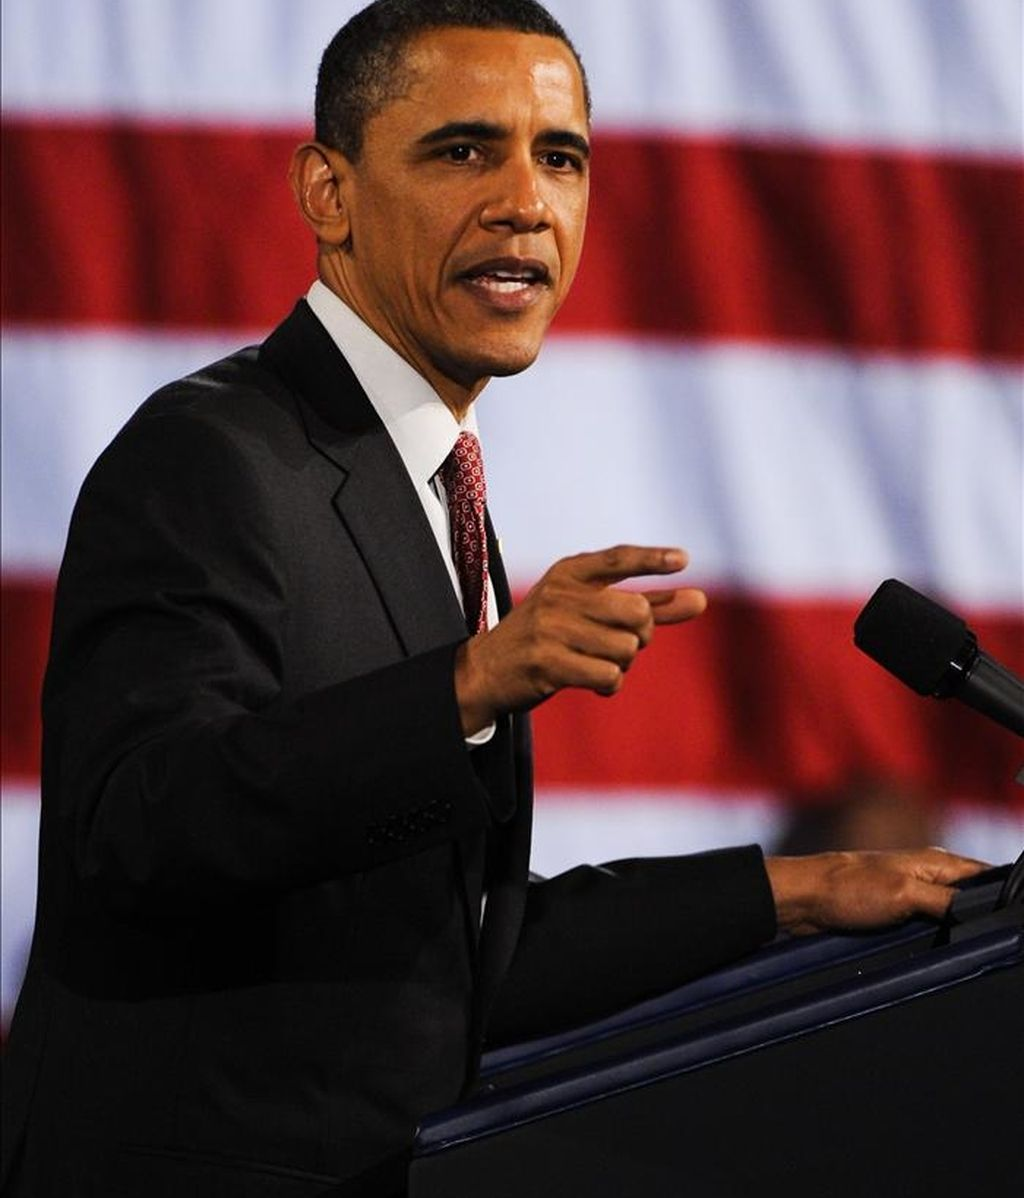 El presidente de Estados Unidos Barack Obama pronuncia un discurso en un evento de recolección de fondos para la Convención Democrática Nacional y su campaña de re-elección 2012, ayer 14 de abril, en el Navy Pier en Chicago, Illinois (EE.UU.). EFE